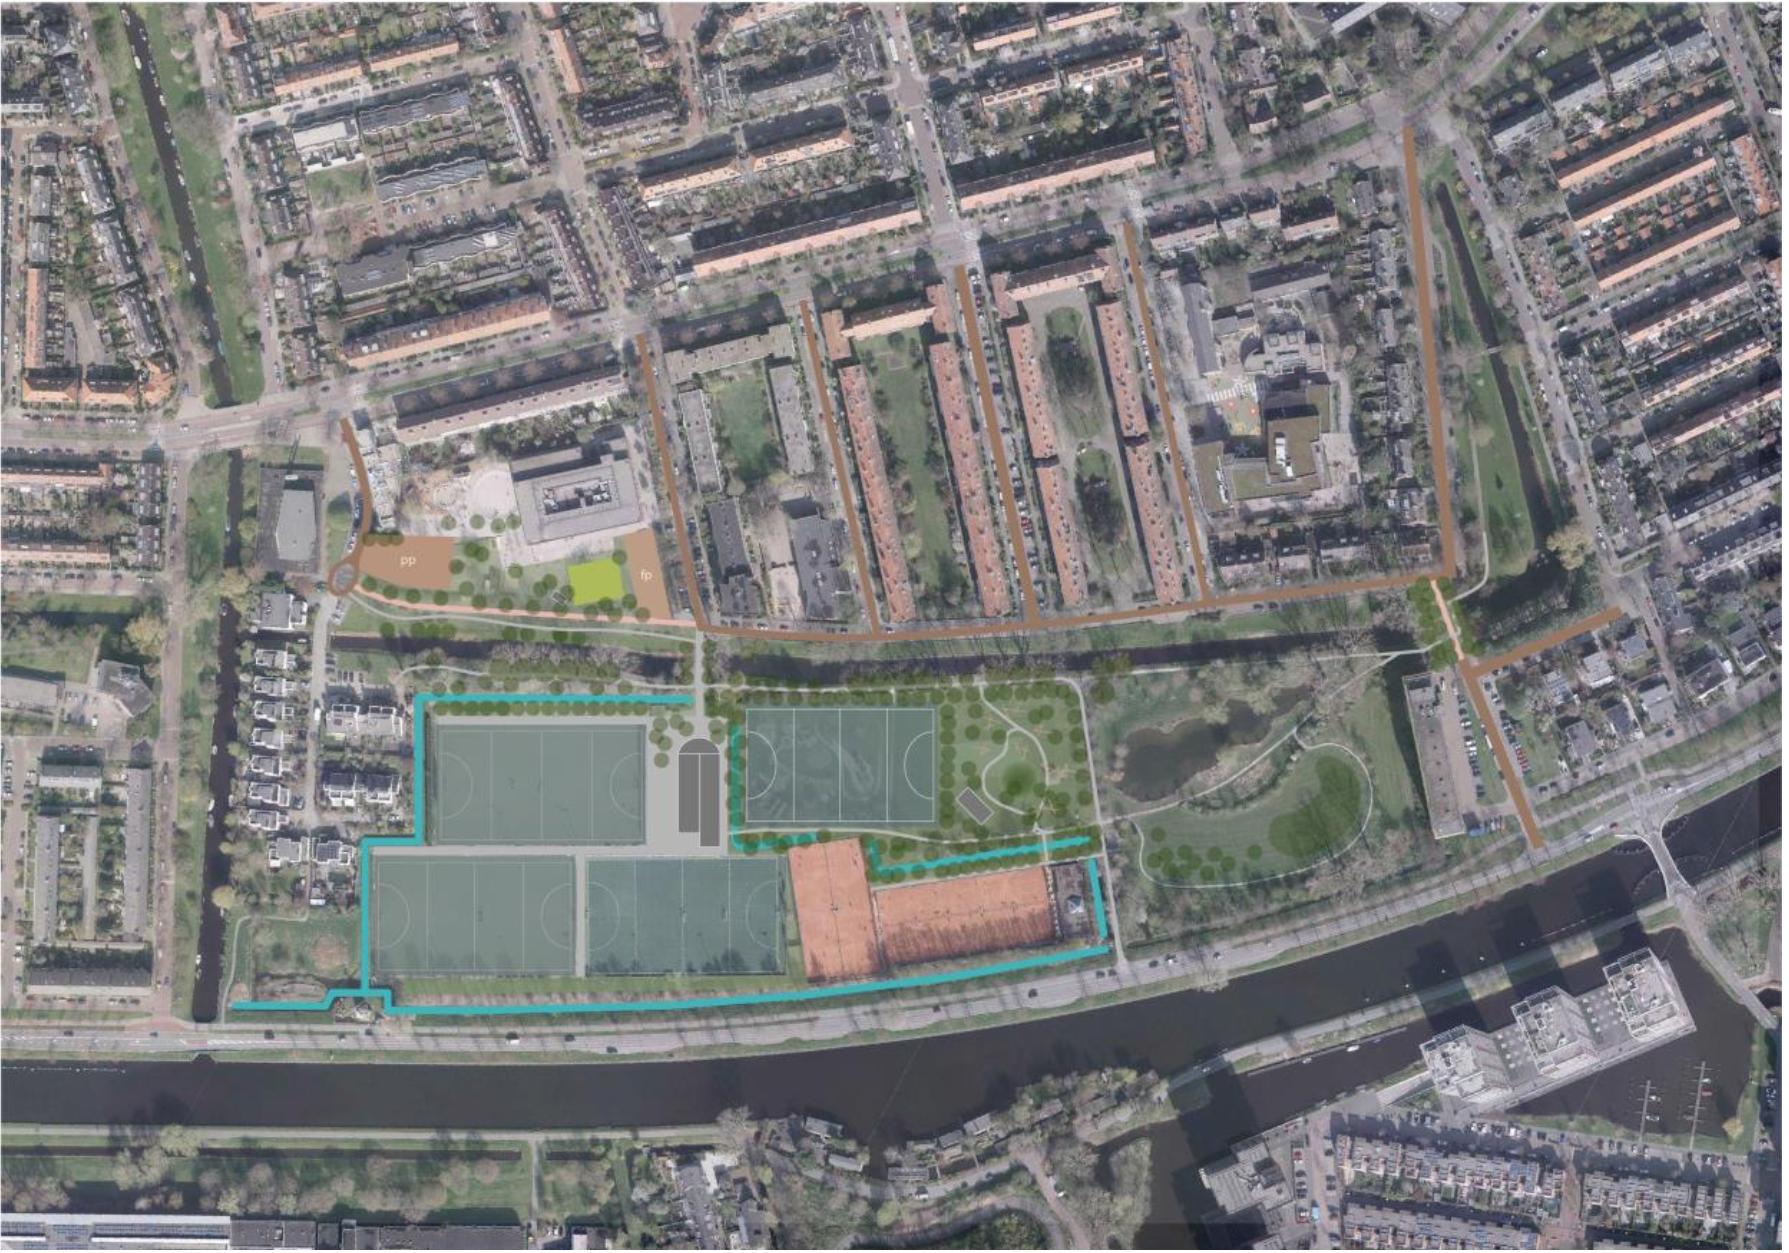 Inrichtingsplan Wijksportpark Roomburgerpark met reactie van de Stichting